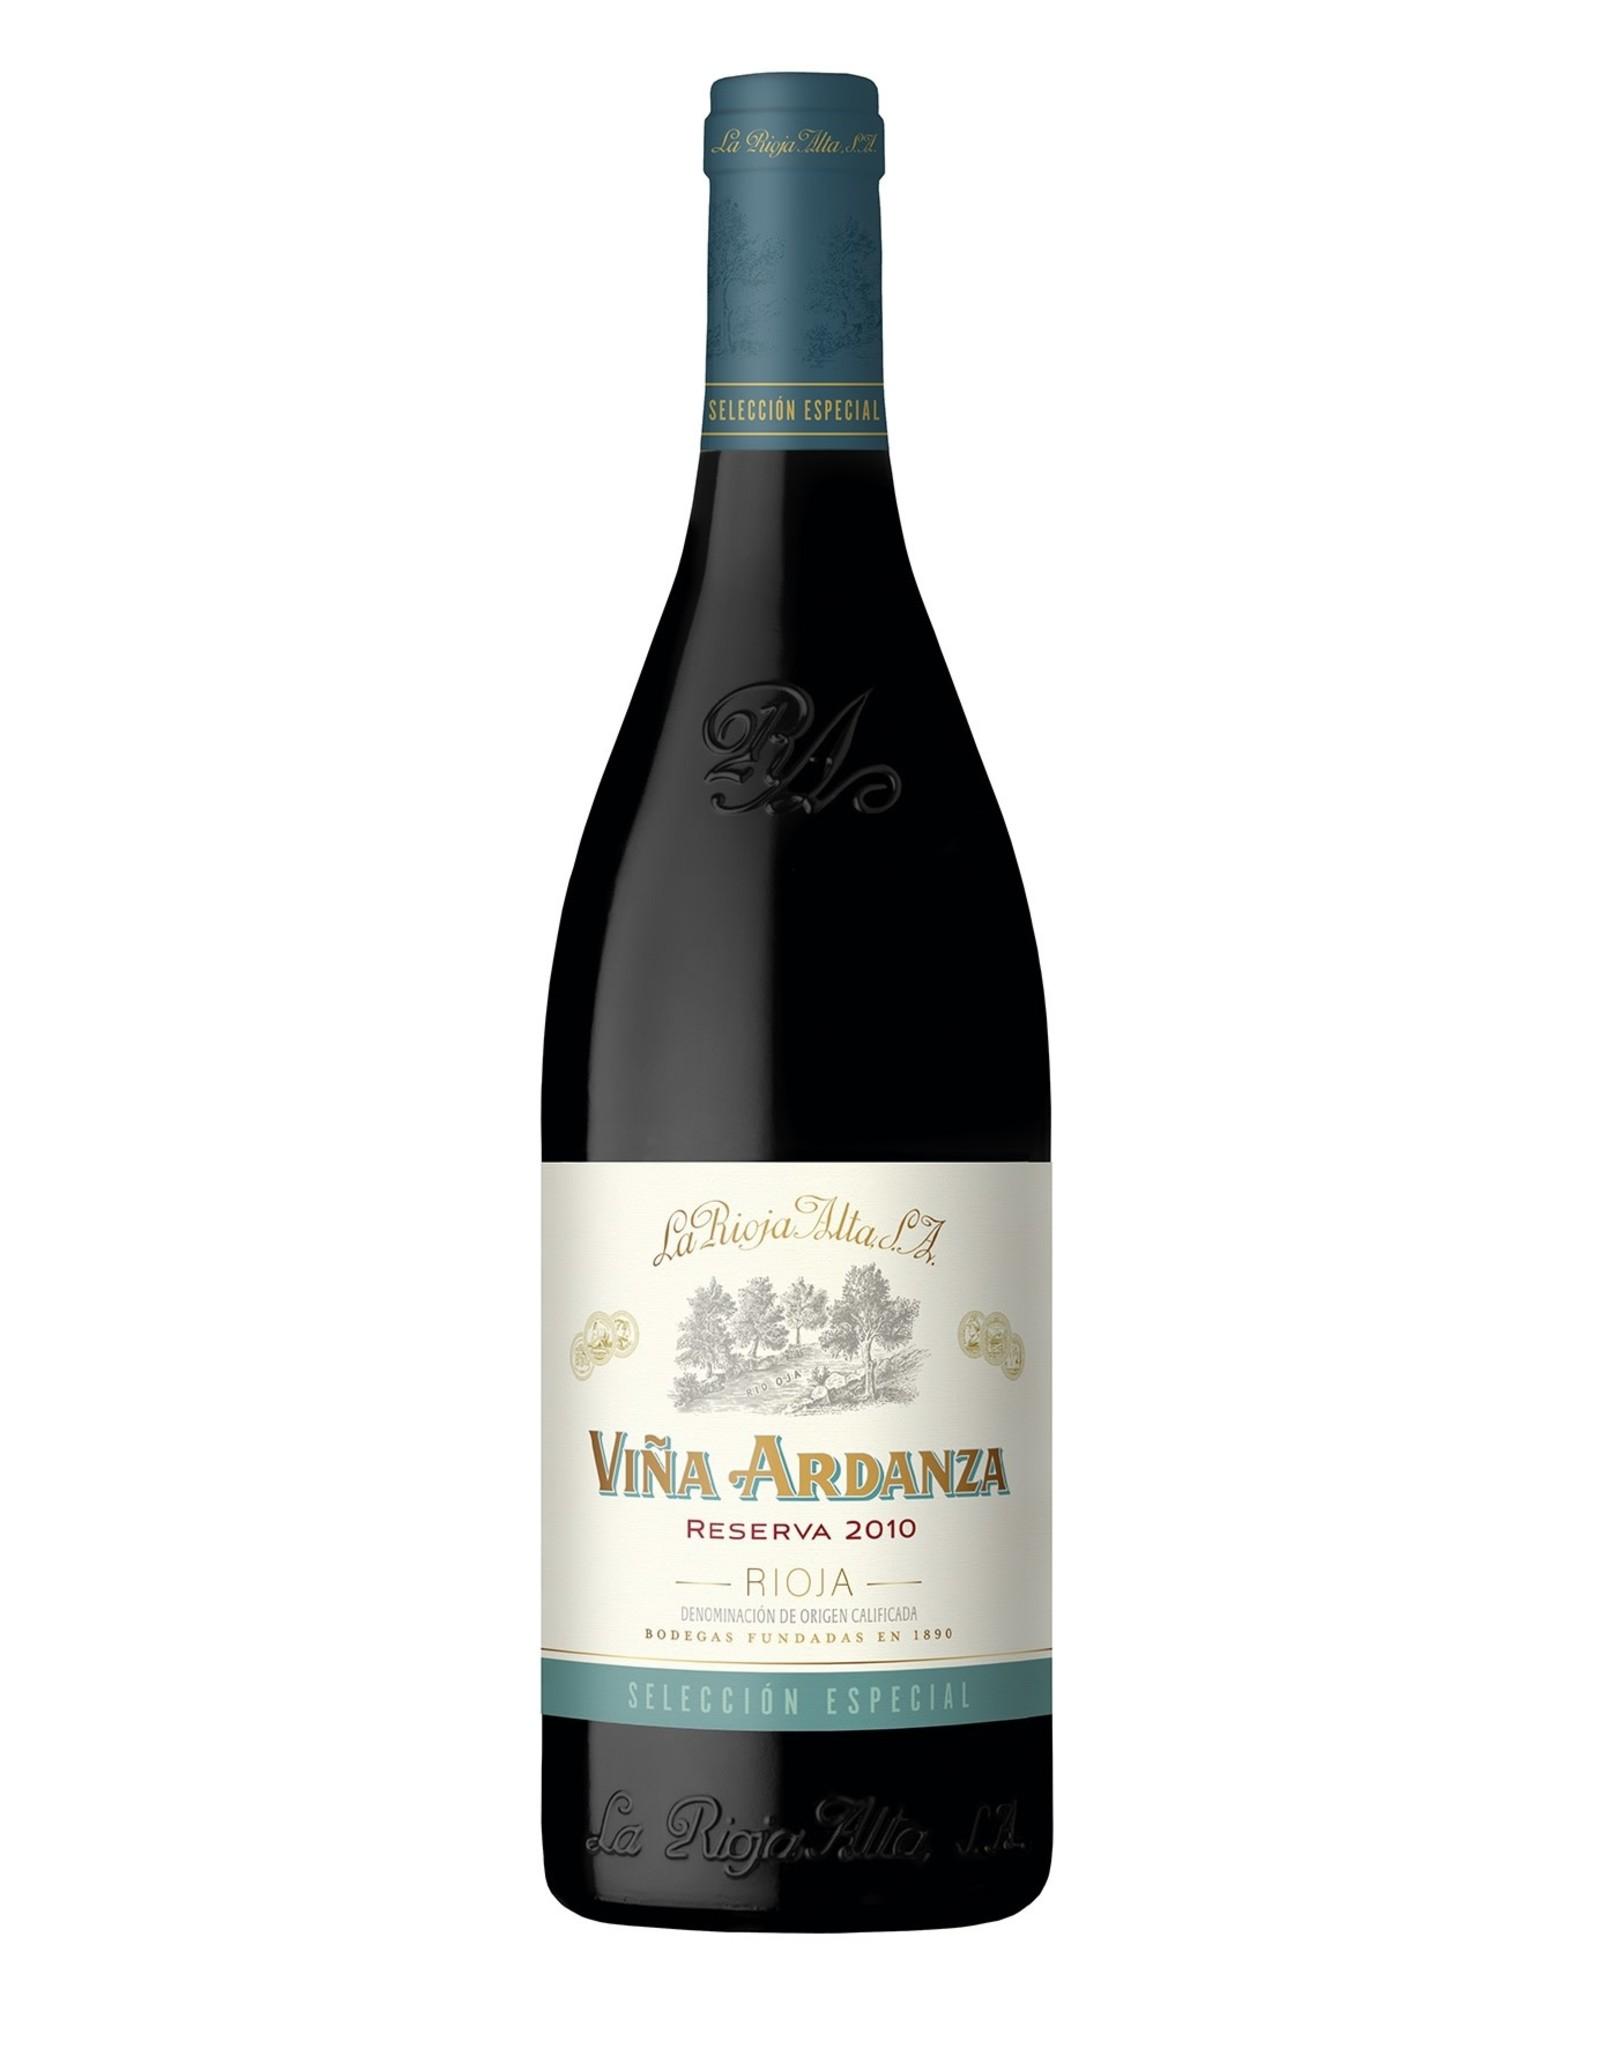 La Rioja Alta Vina Ardanza Reserva Rioja 2012